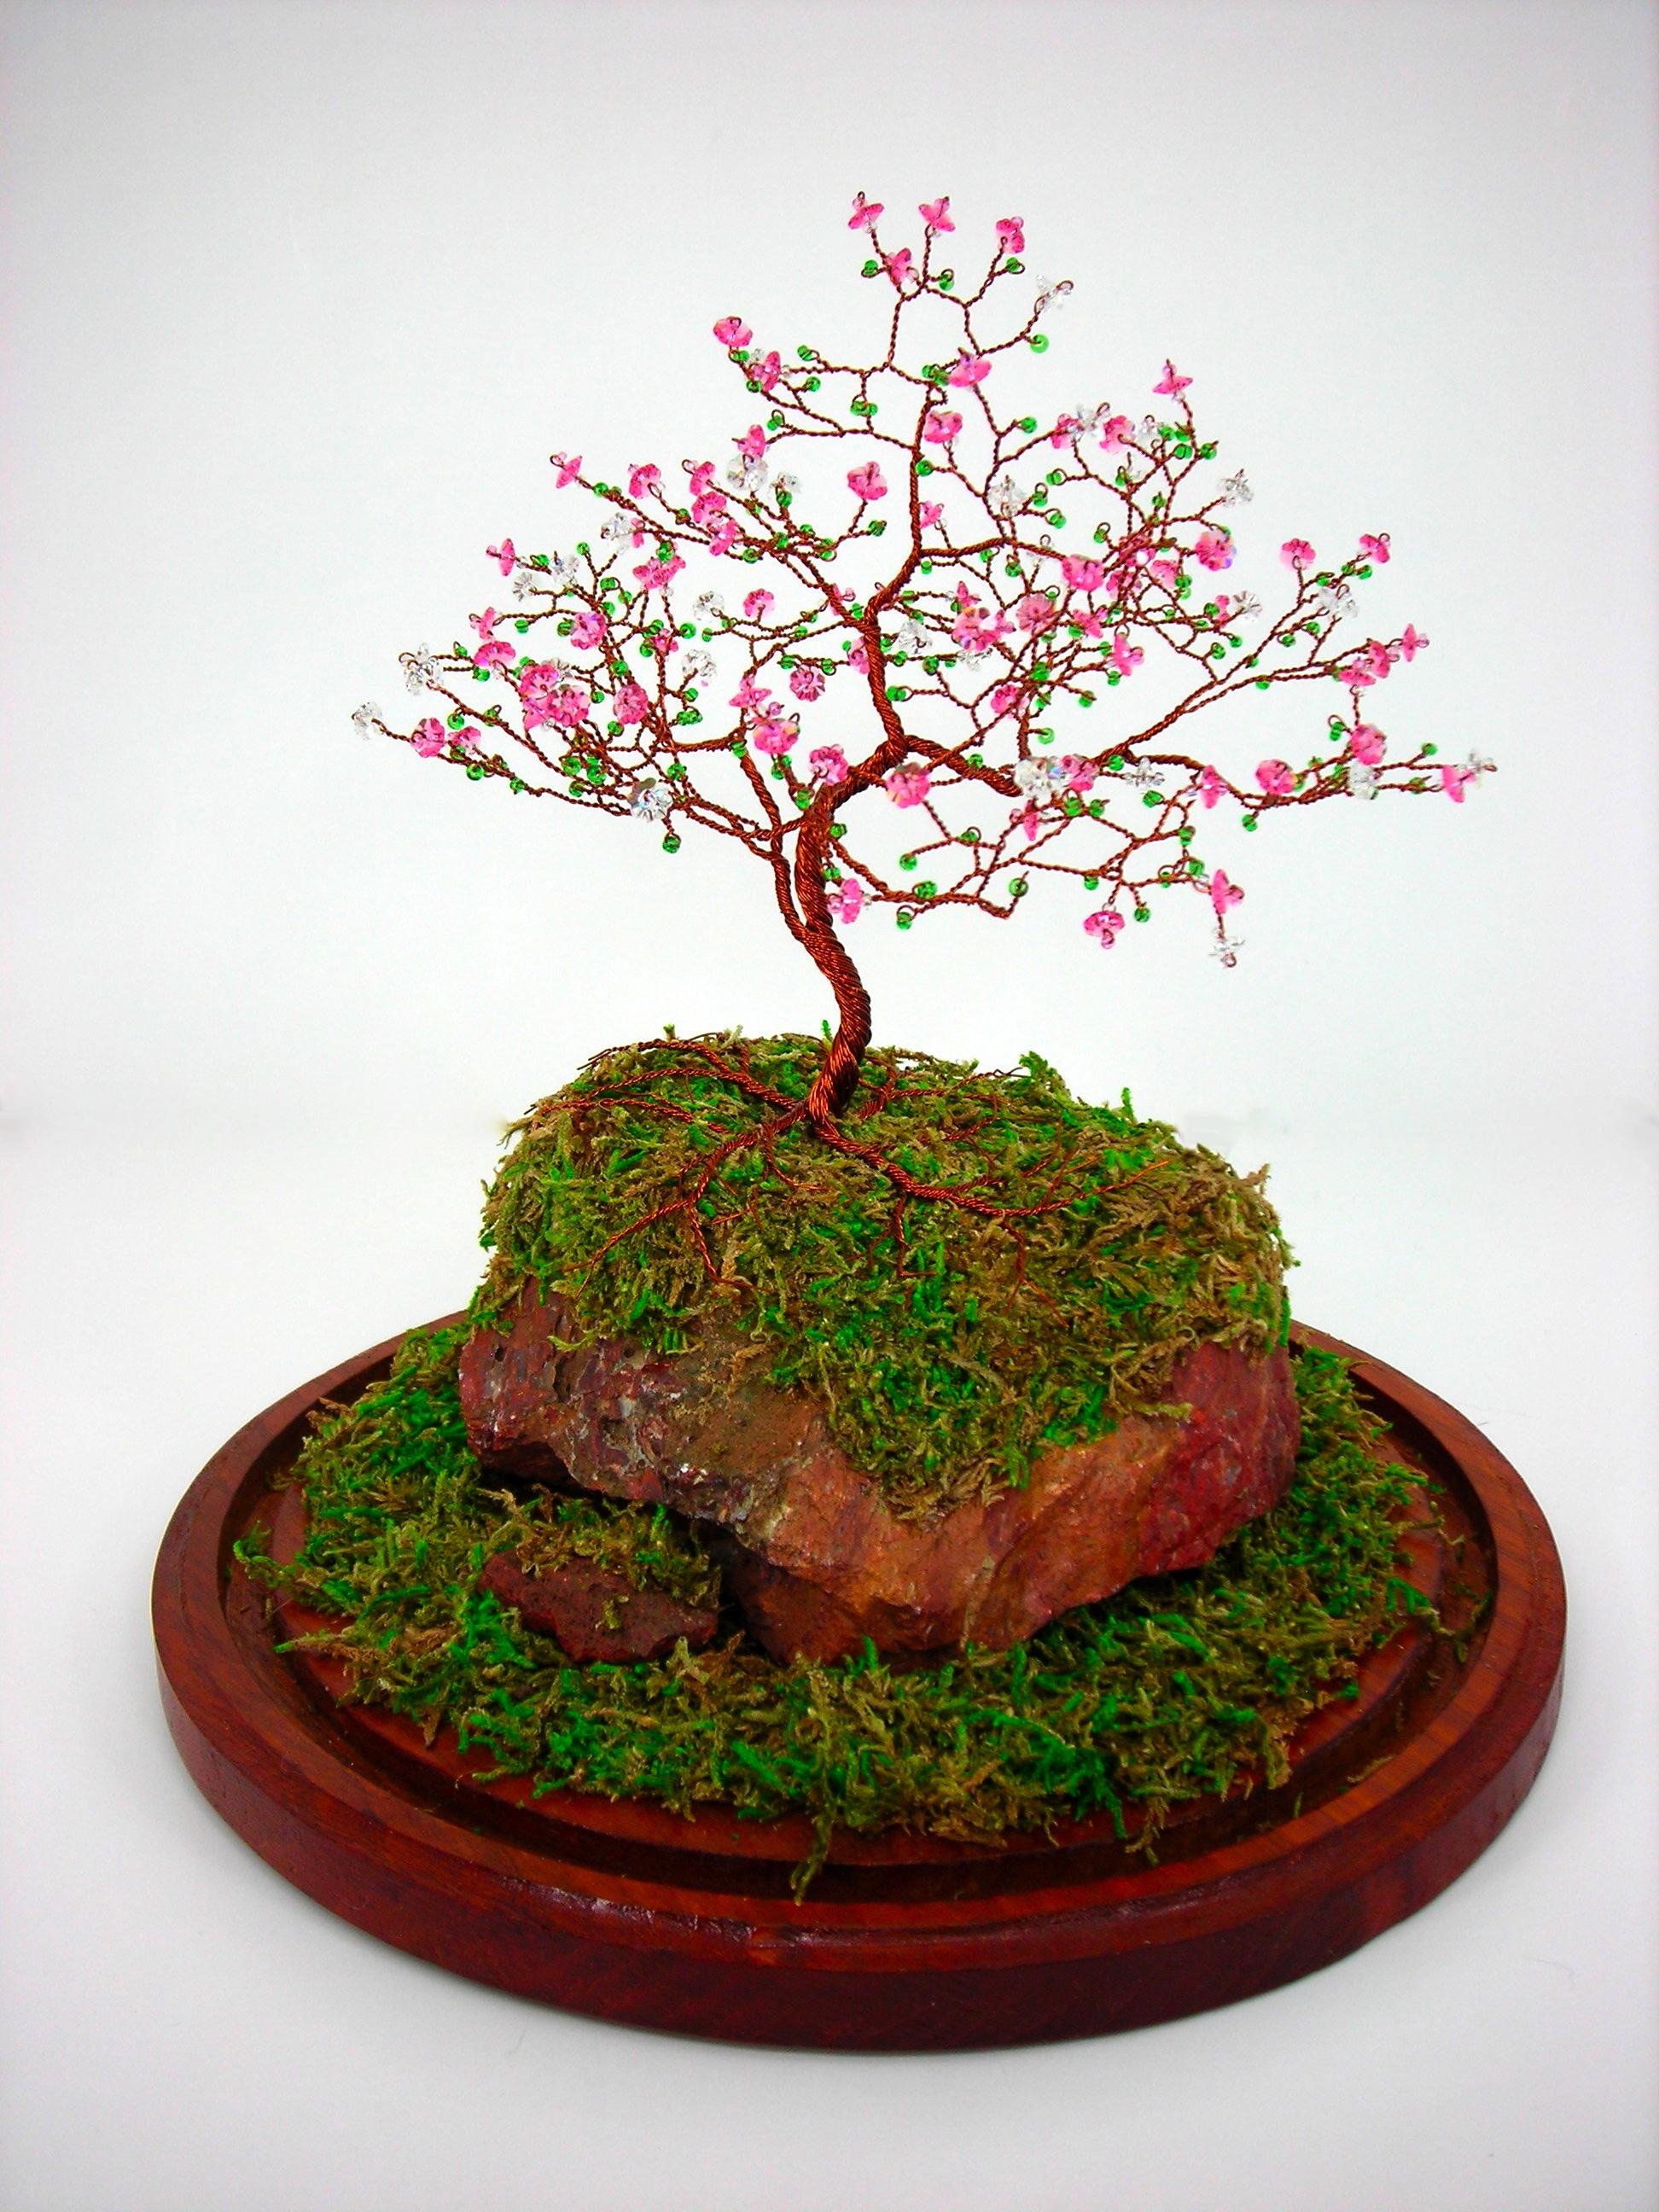 Drawn sakura blossom bonsai tree Blossom Blossom Blossom and trees